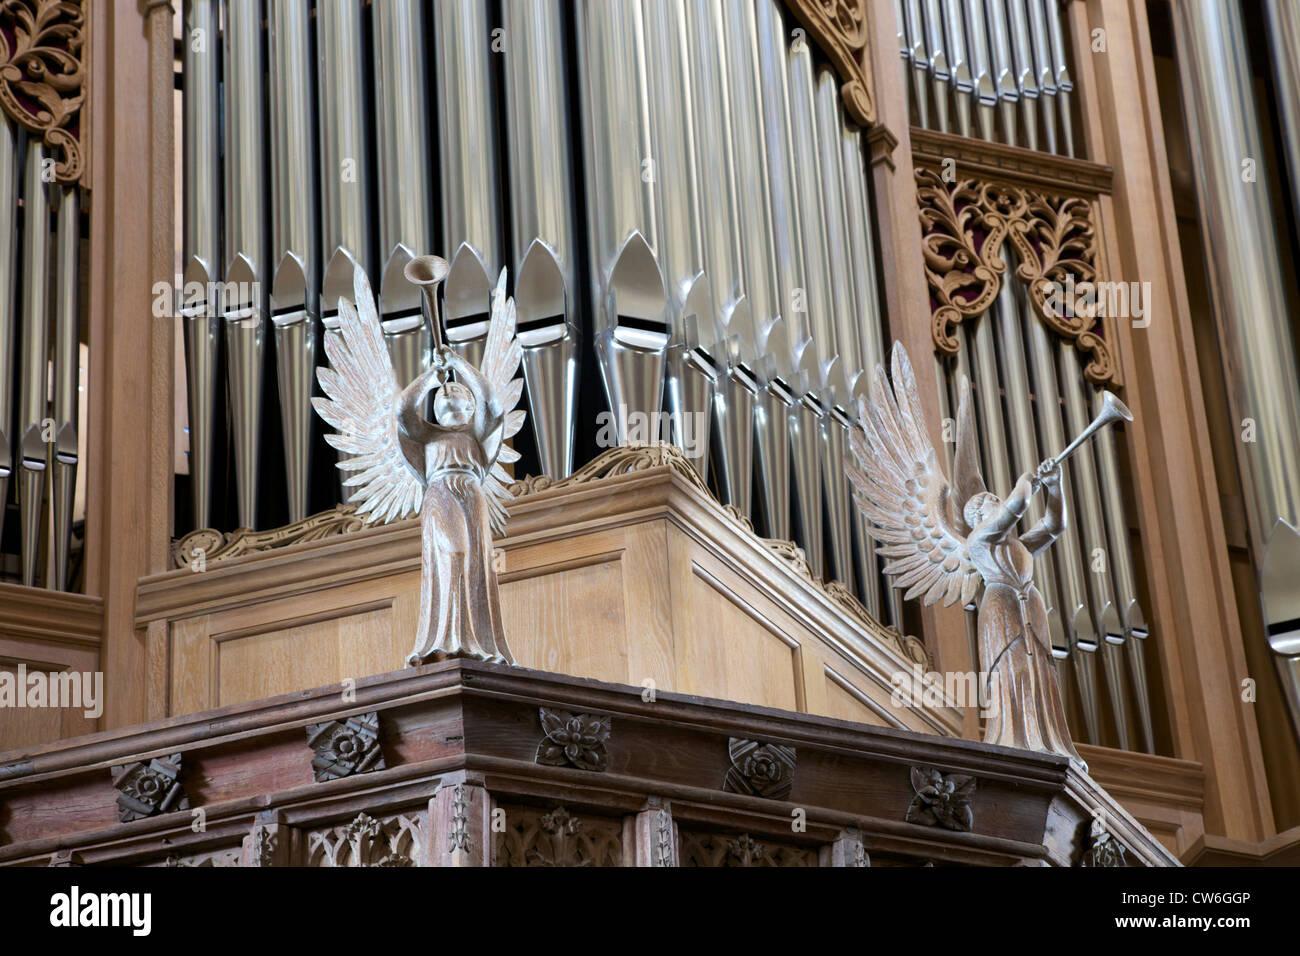 Anges sculptés sur le boîtier, la cathédrale de Saint Davids, Parc National de Pembrokeshire, Pays Photo Stock